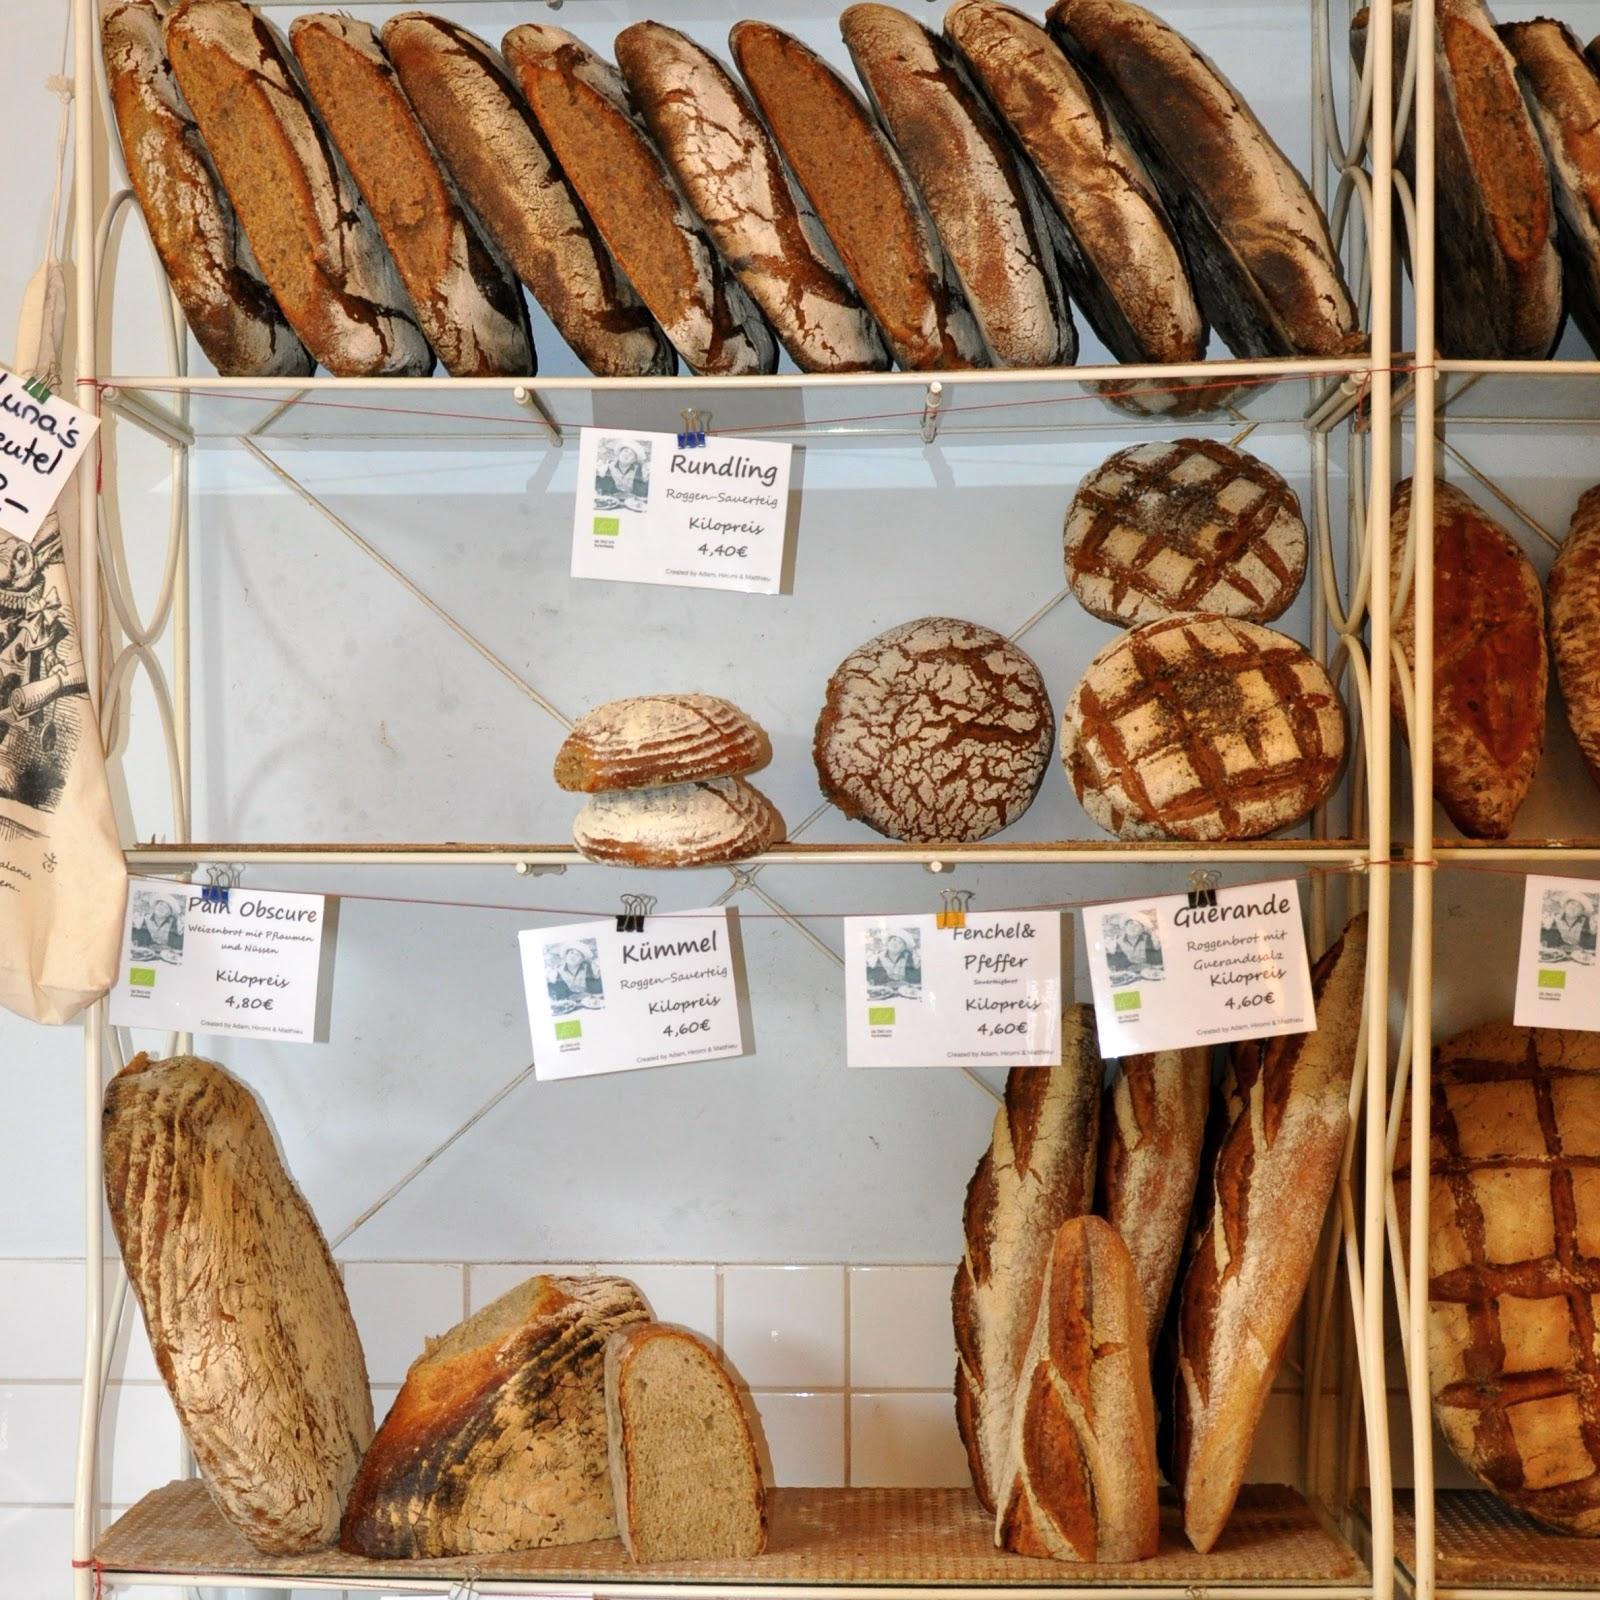 Soluna-Brot-und-Oel-Berlin-Bäckerei-Grneisenaustraße